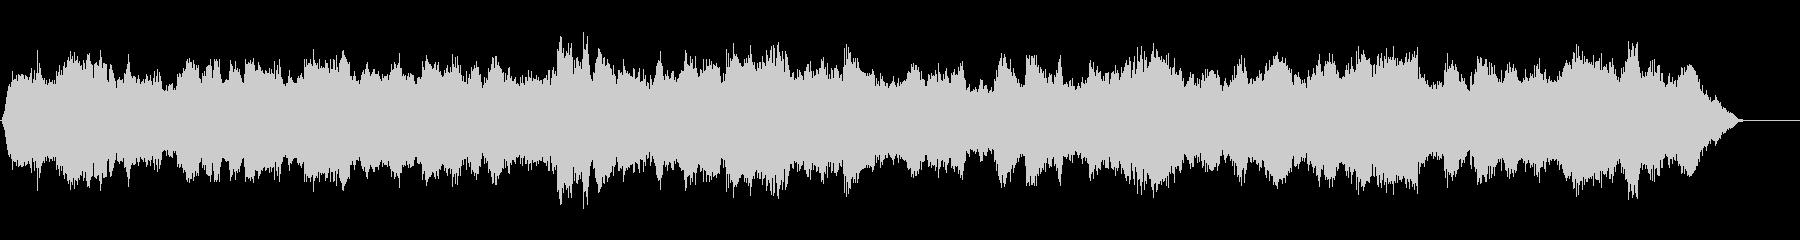 展開のあるオーケストラBGMの未再生の波形